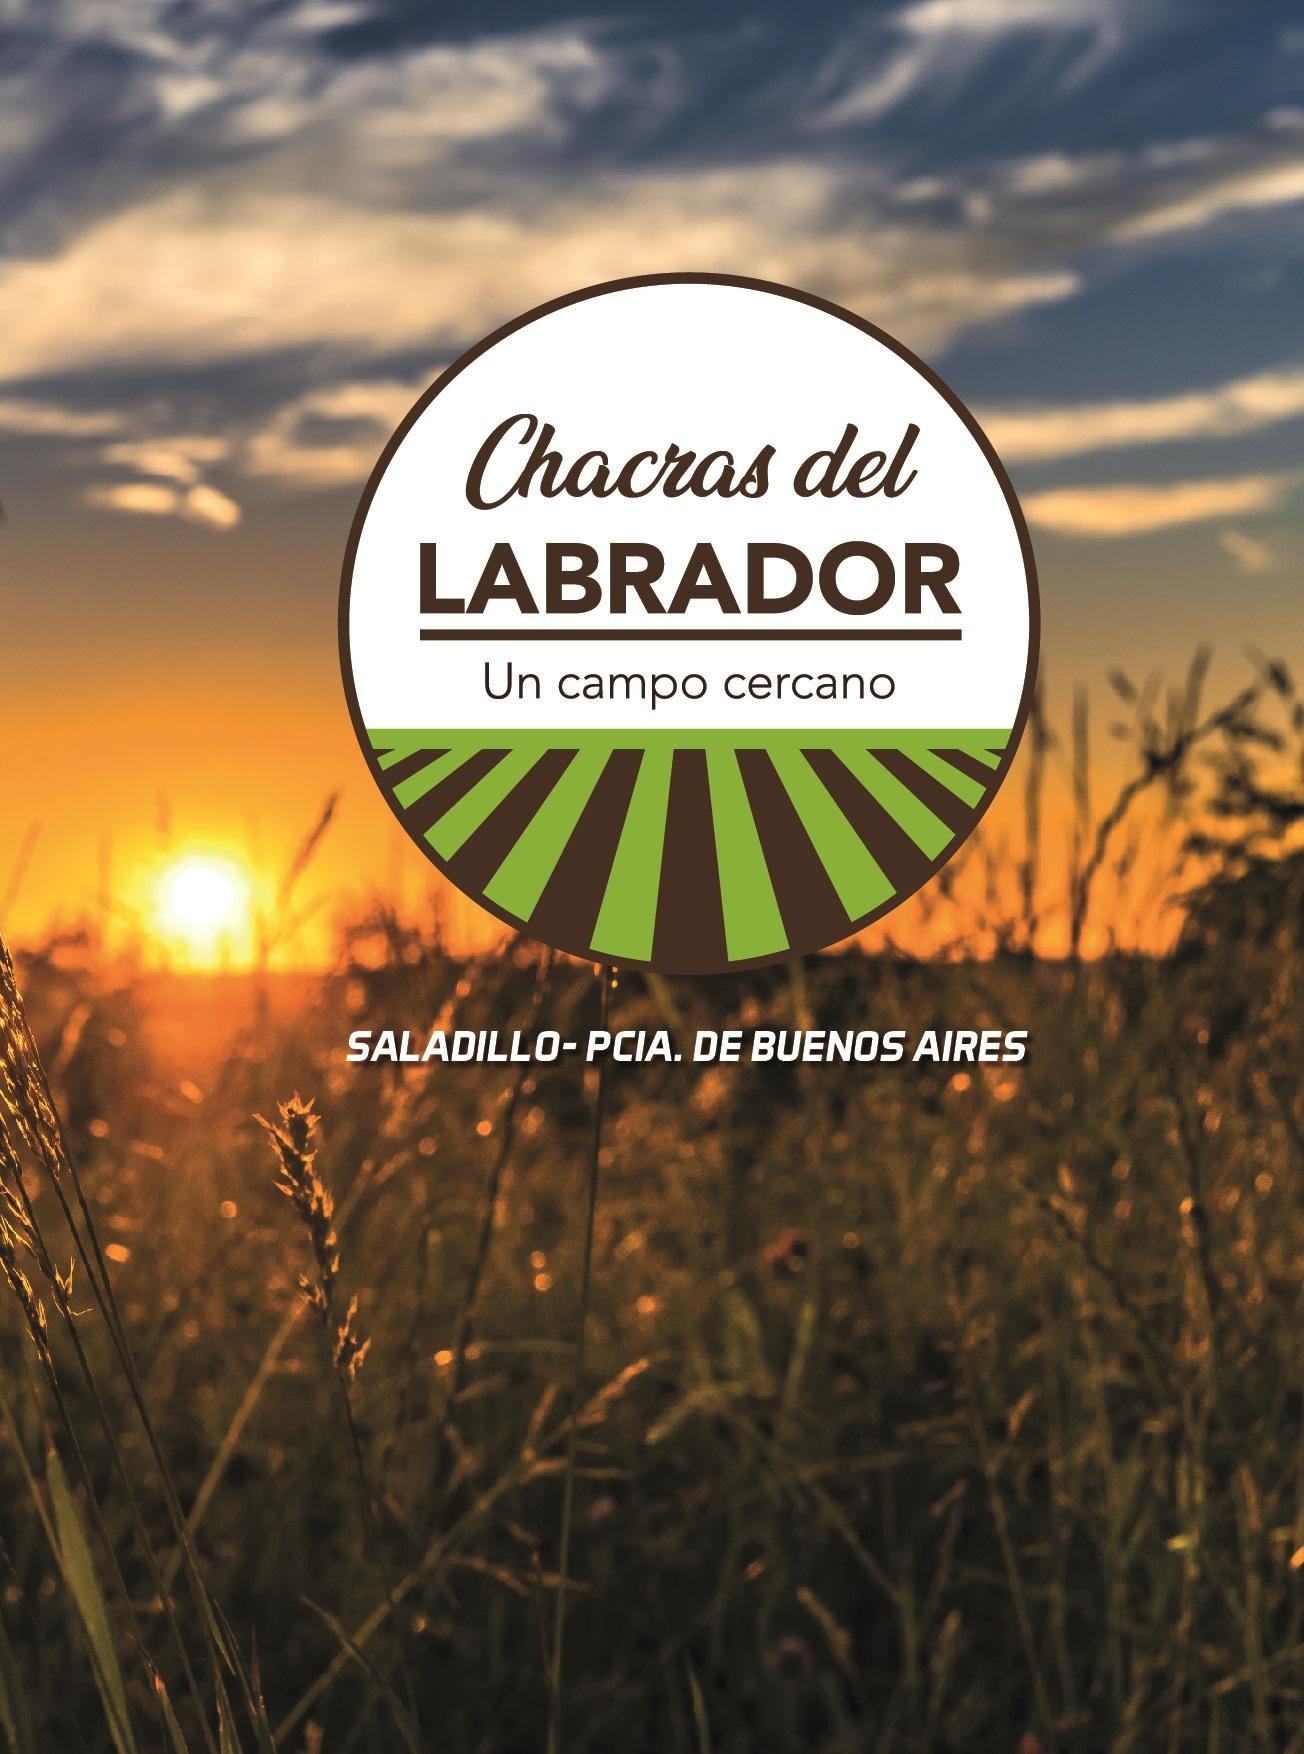 Lotes en Saladillo, CHACRAS DEL LABRADOR –  ULTIMO LOTE